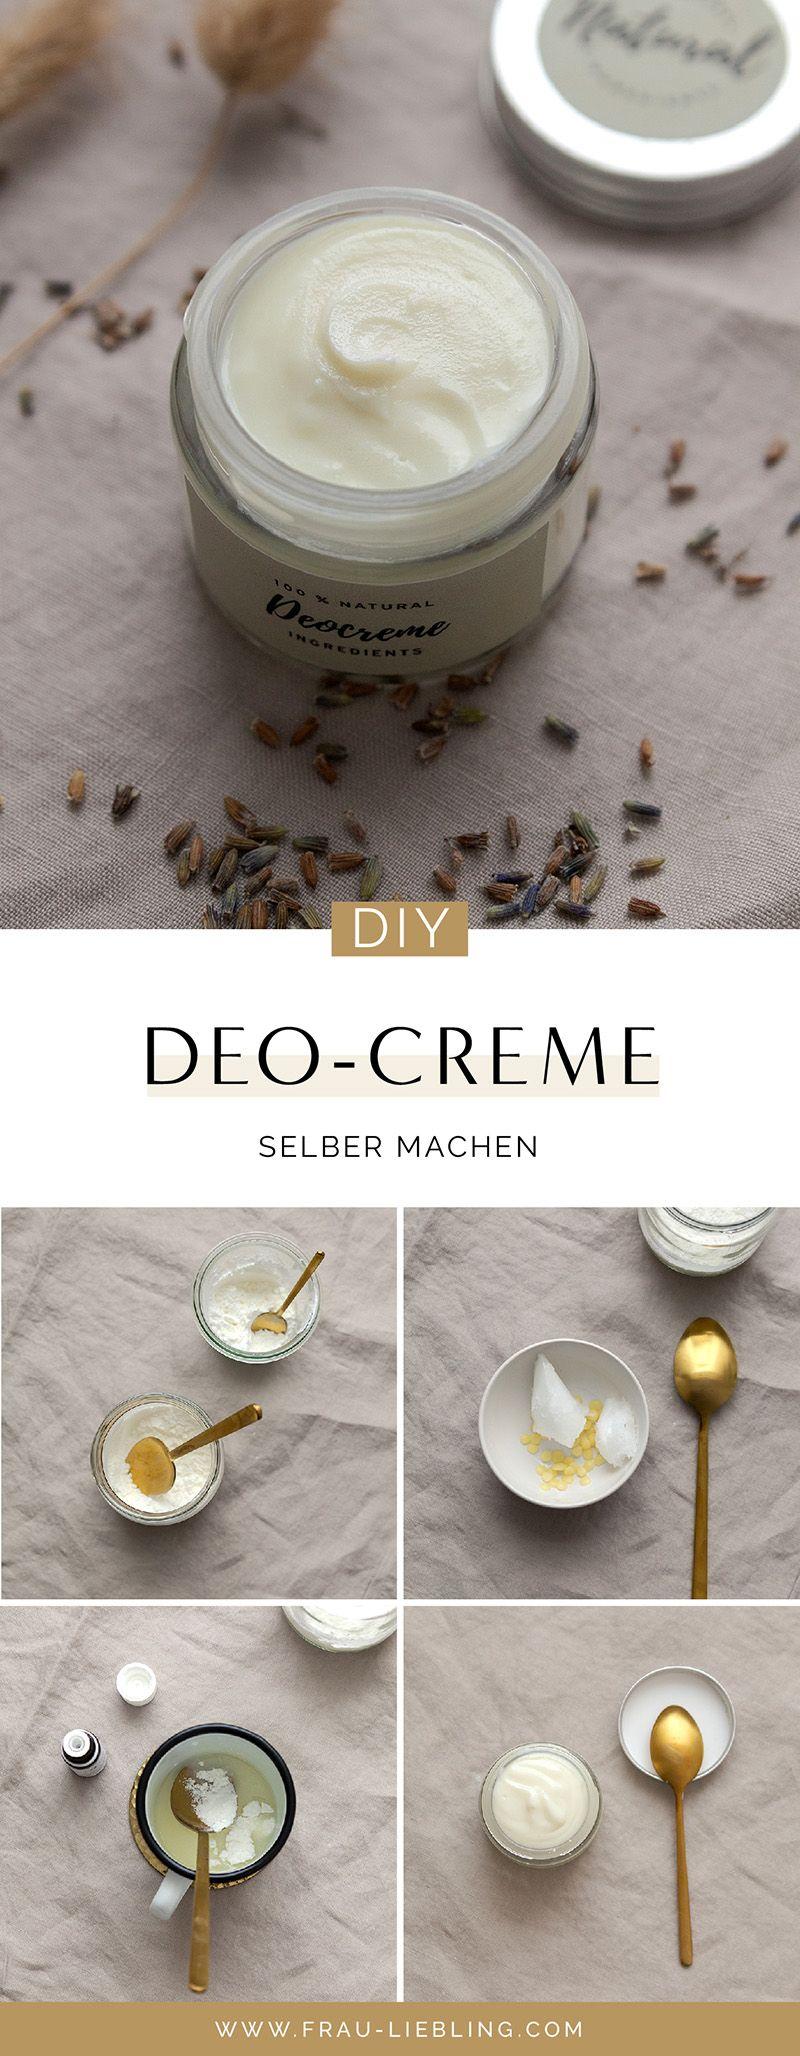 DIY Deocreme mit 4 einfachen Zutaten selber machen